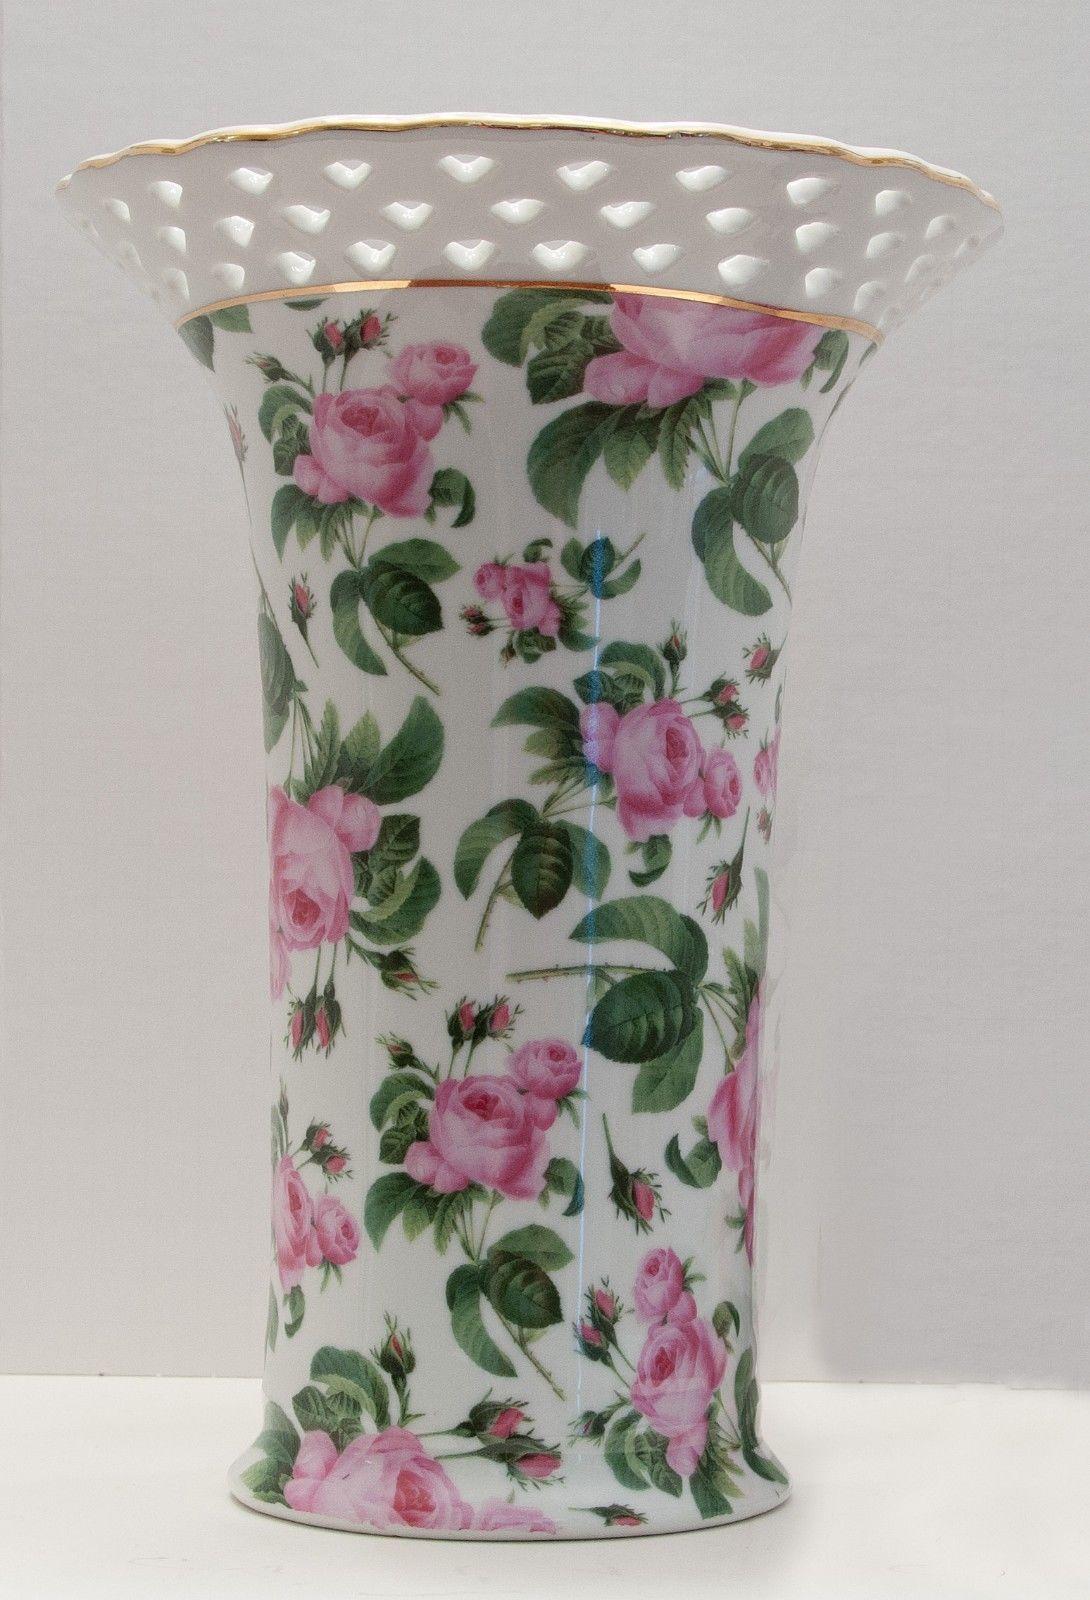 Baum brothers vase 2 listings vase baum brothers formalities pink rose chintz vase gold trim pierced rim 3250 reviewsmspy